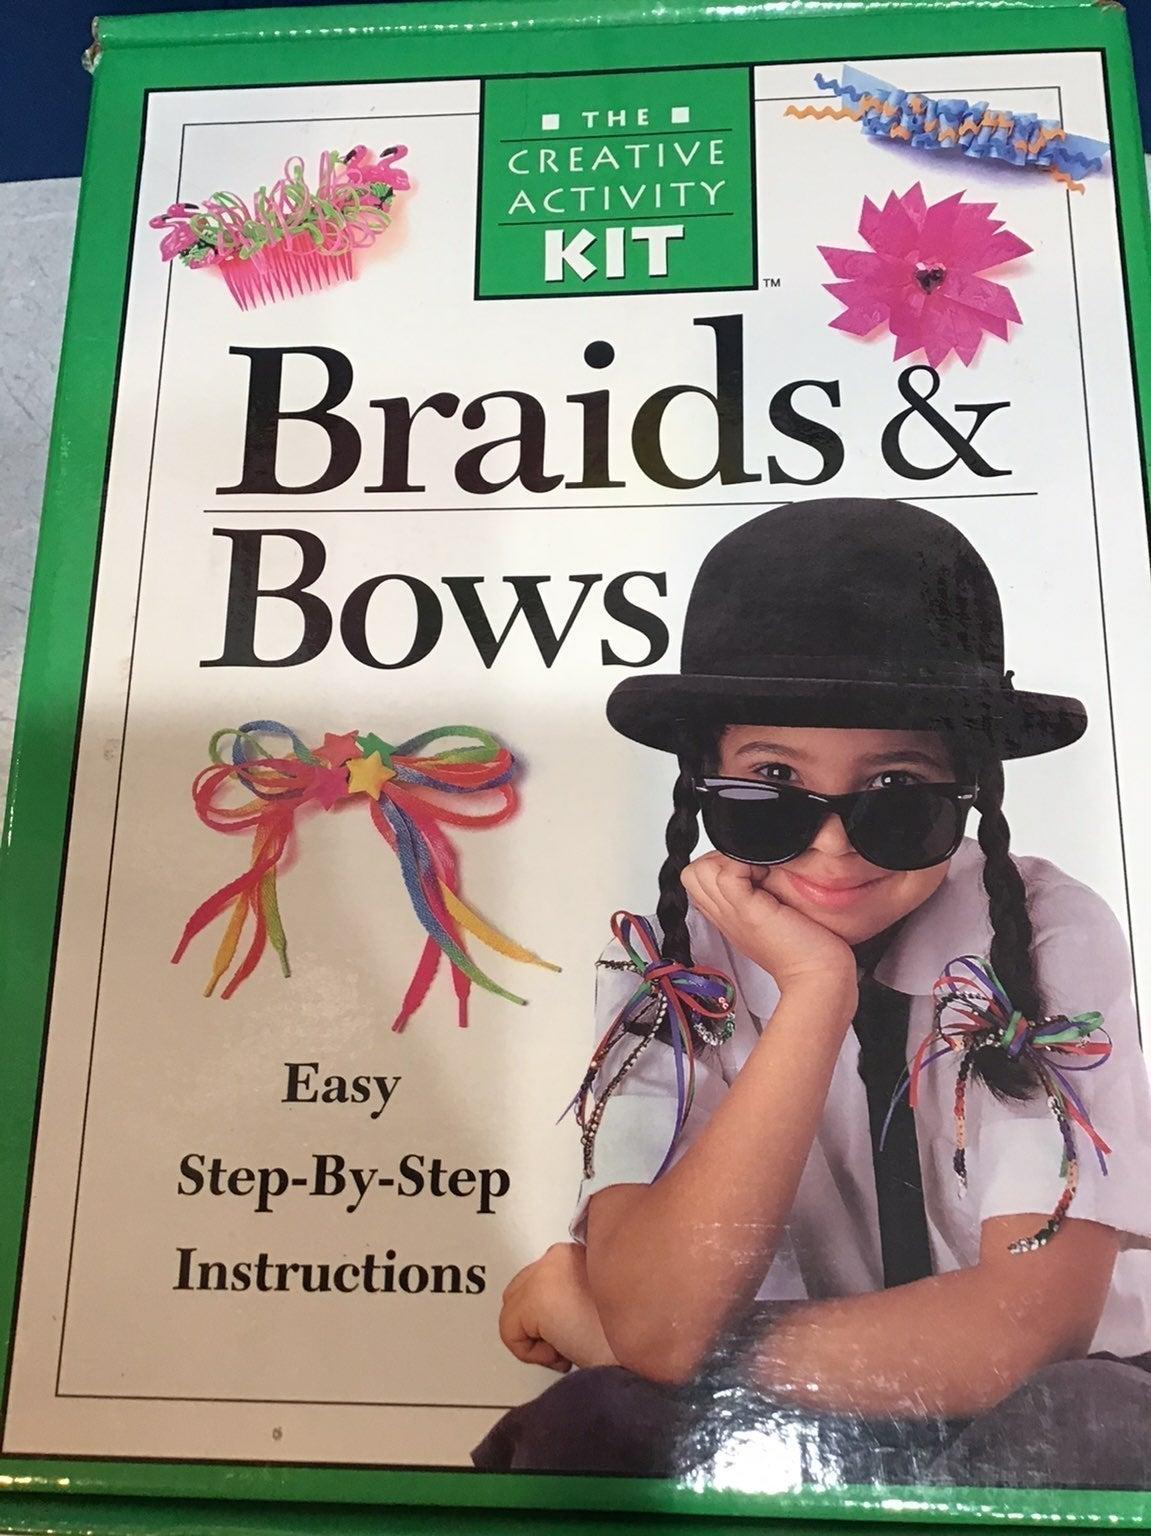 Braids & bows hair creative activity kit